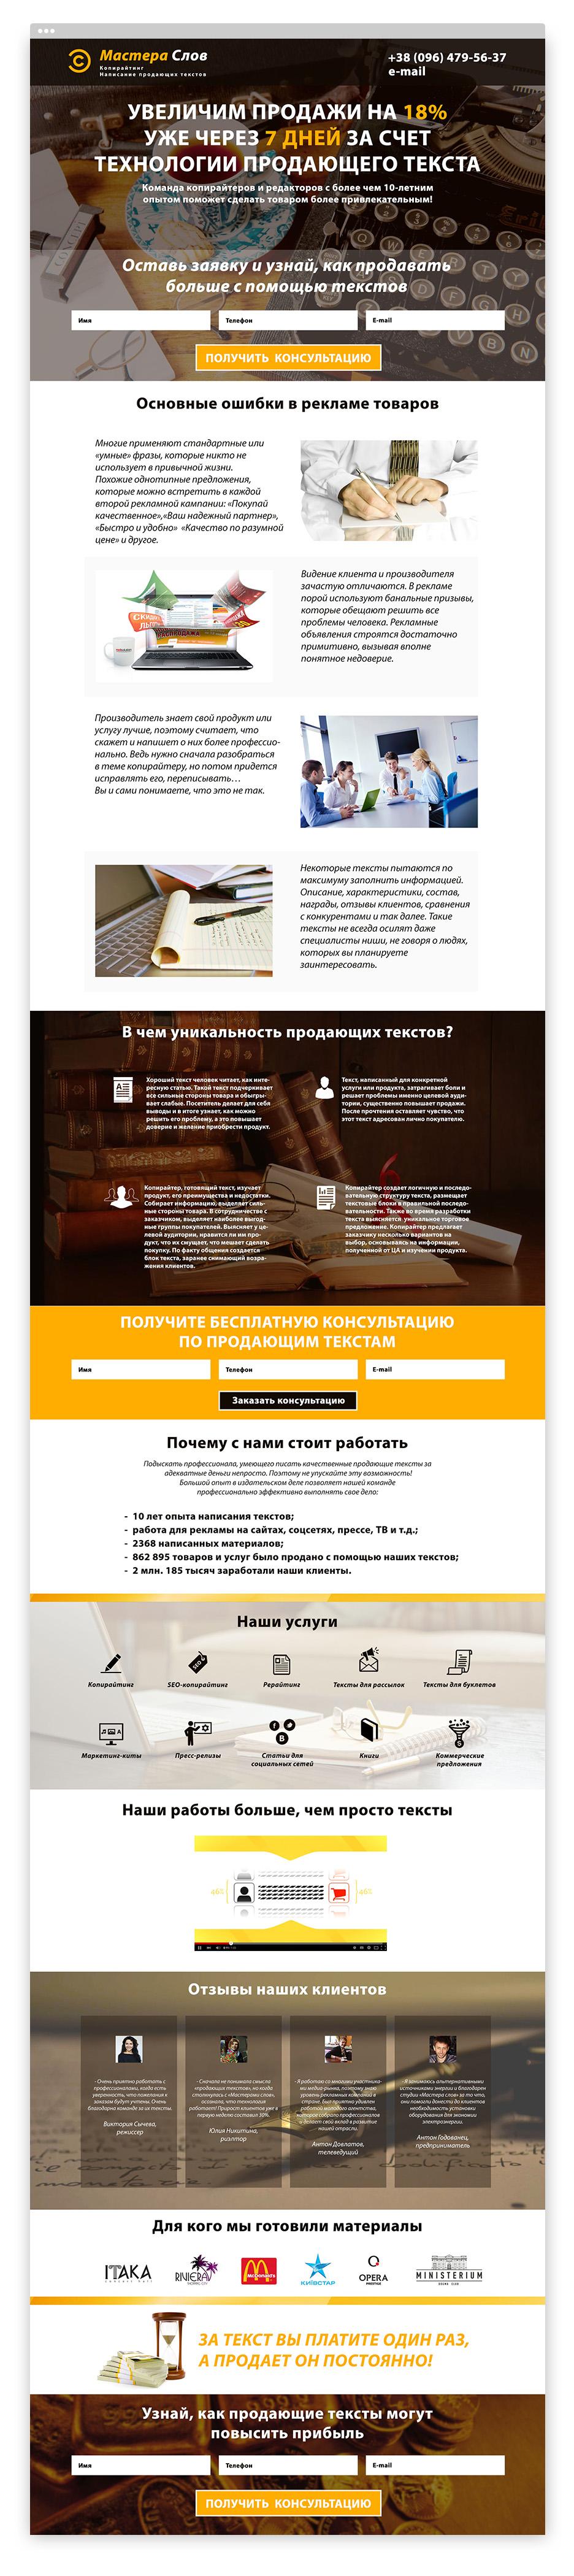 icreative-com-ua_masteraslov